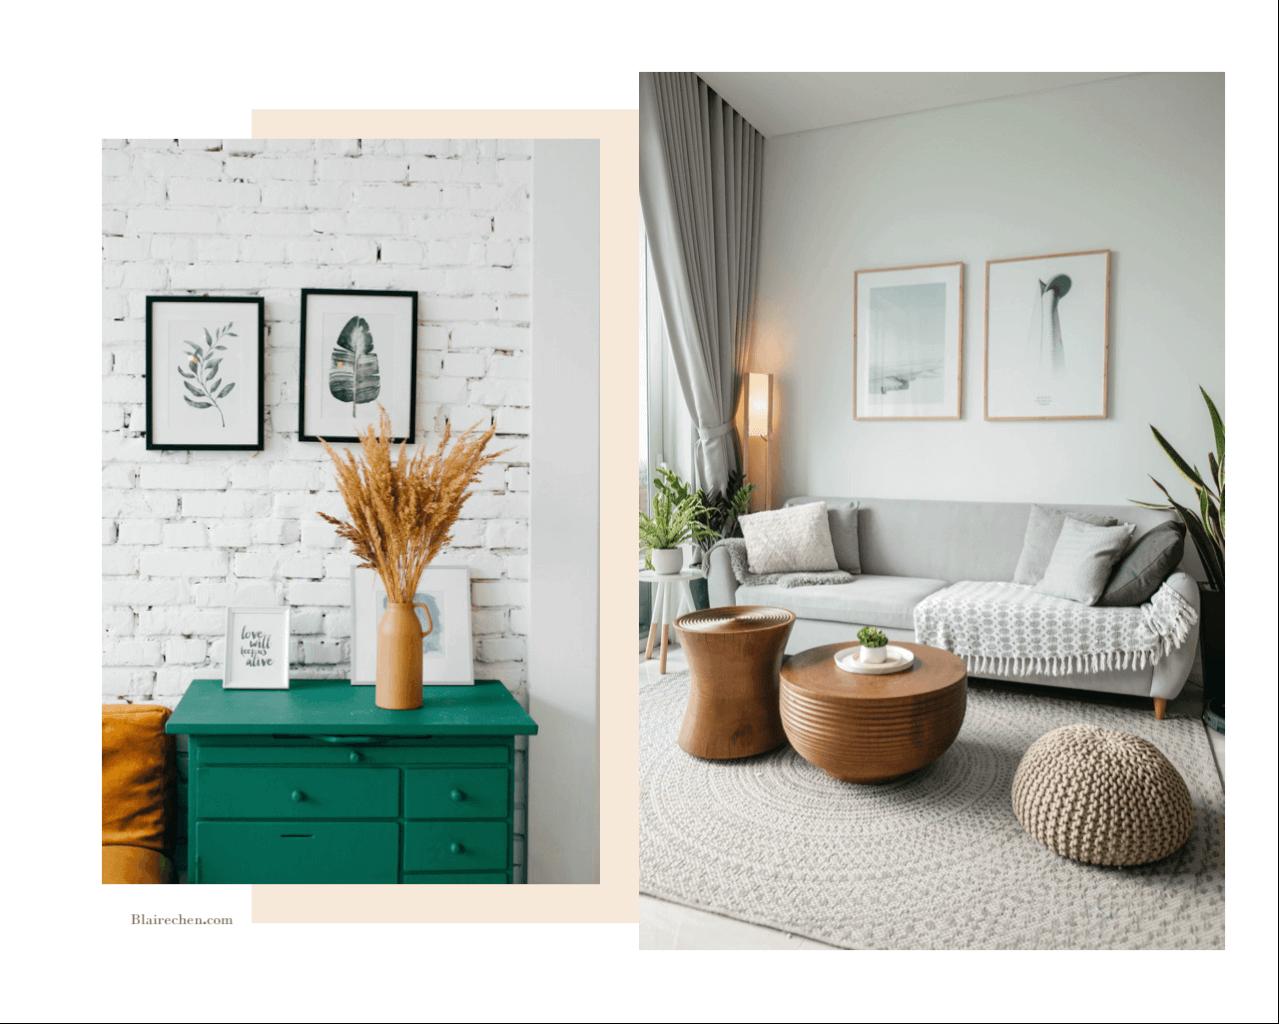 #租屋的美好生活提案:租屋空間,讓回家成為幸福的開始,打造自己的溫馨小宅!